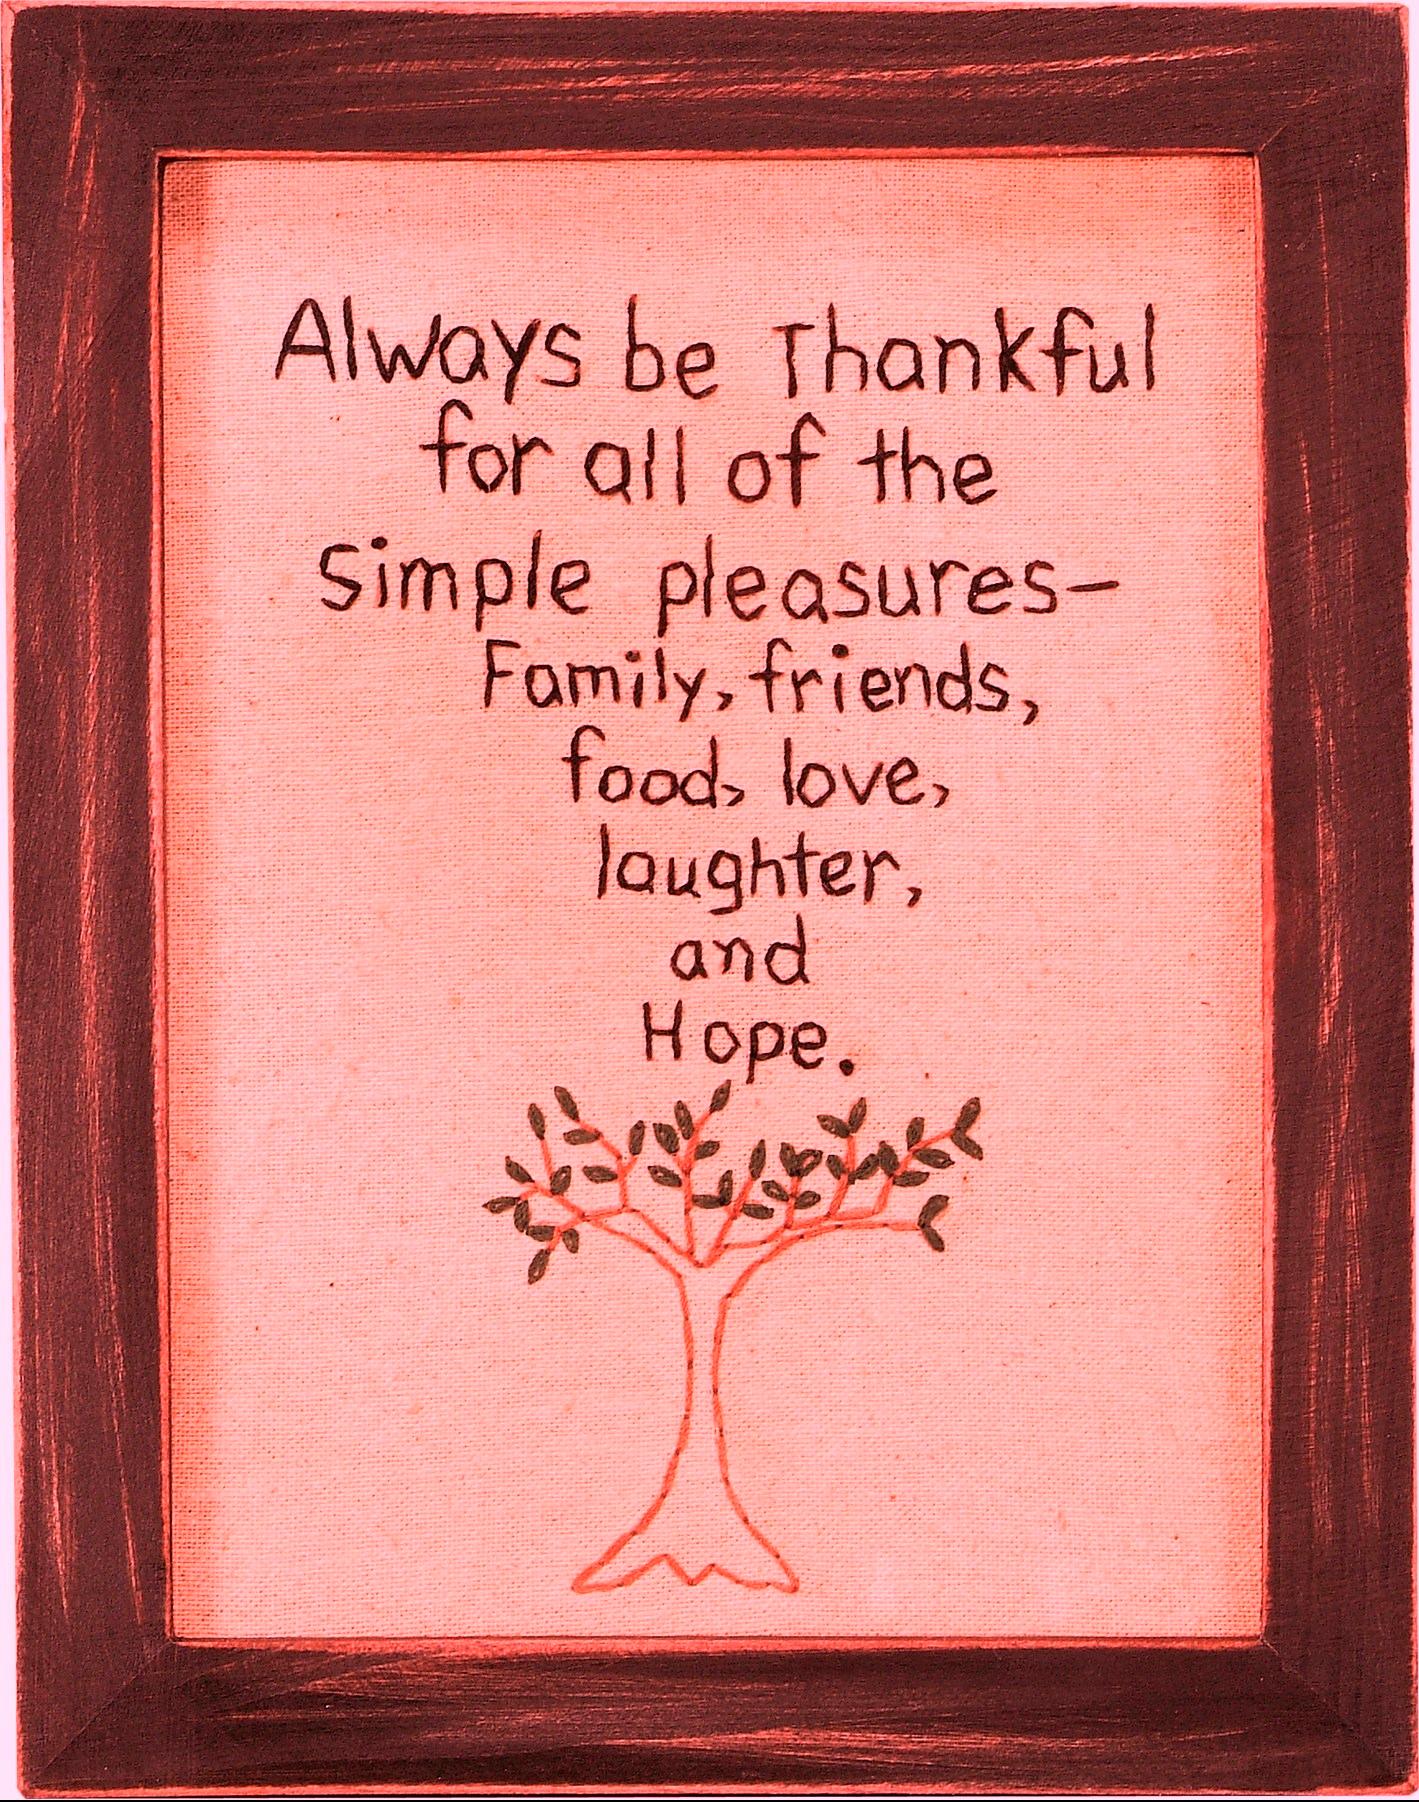 thankful-5a.jpg